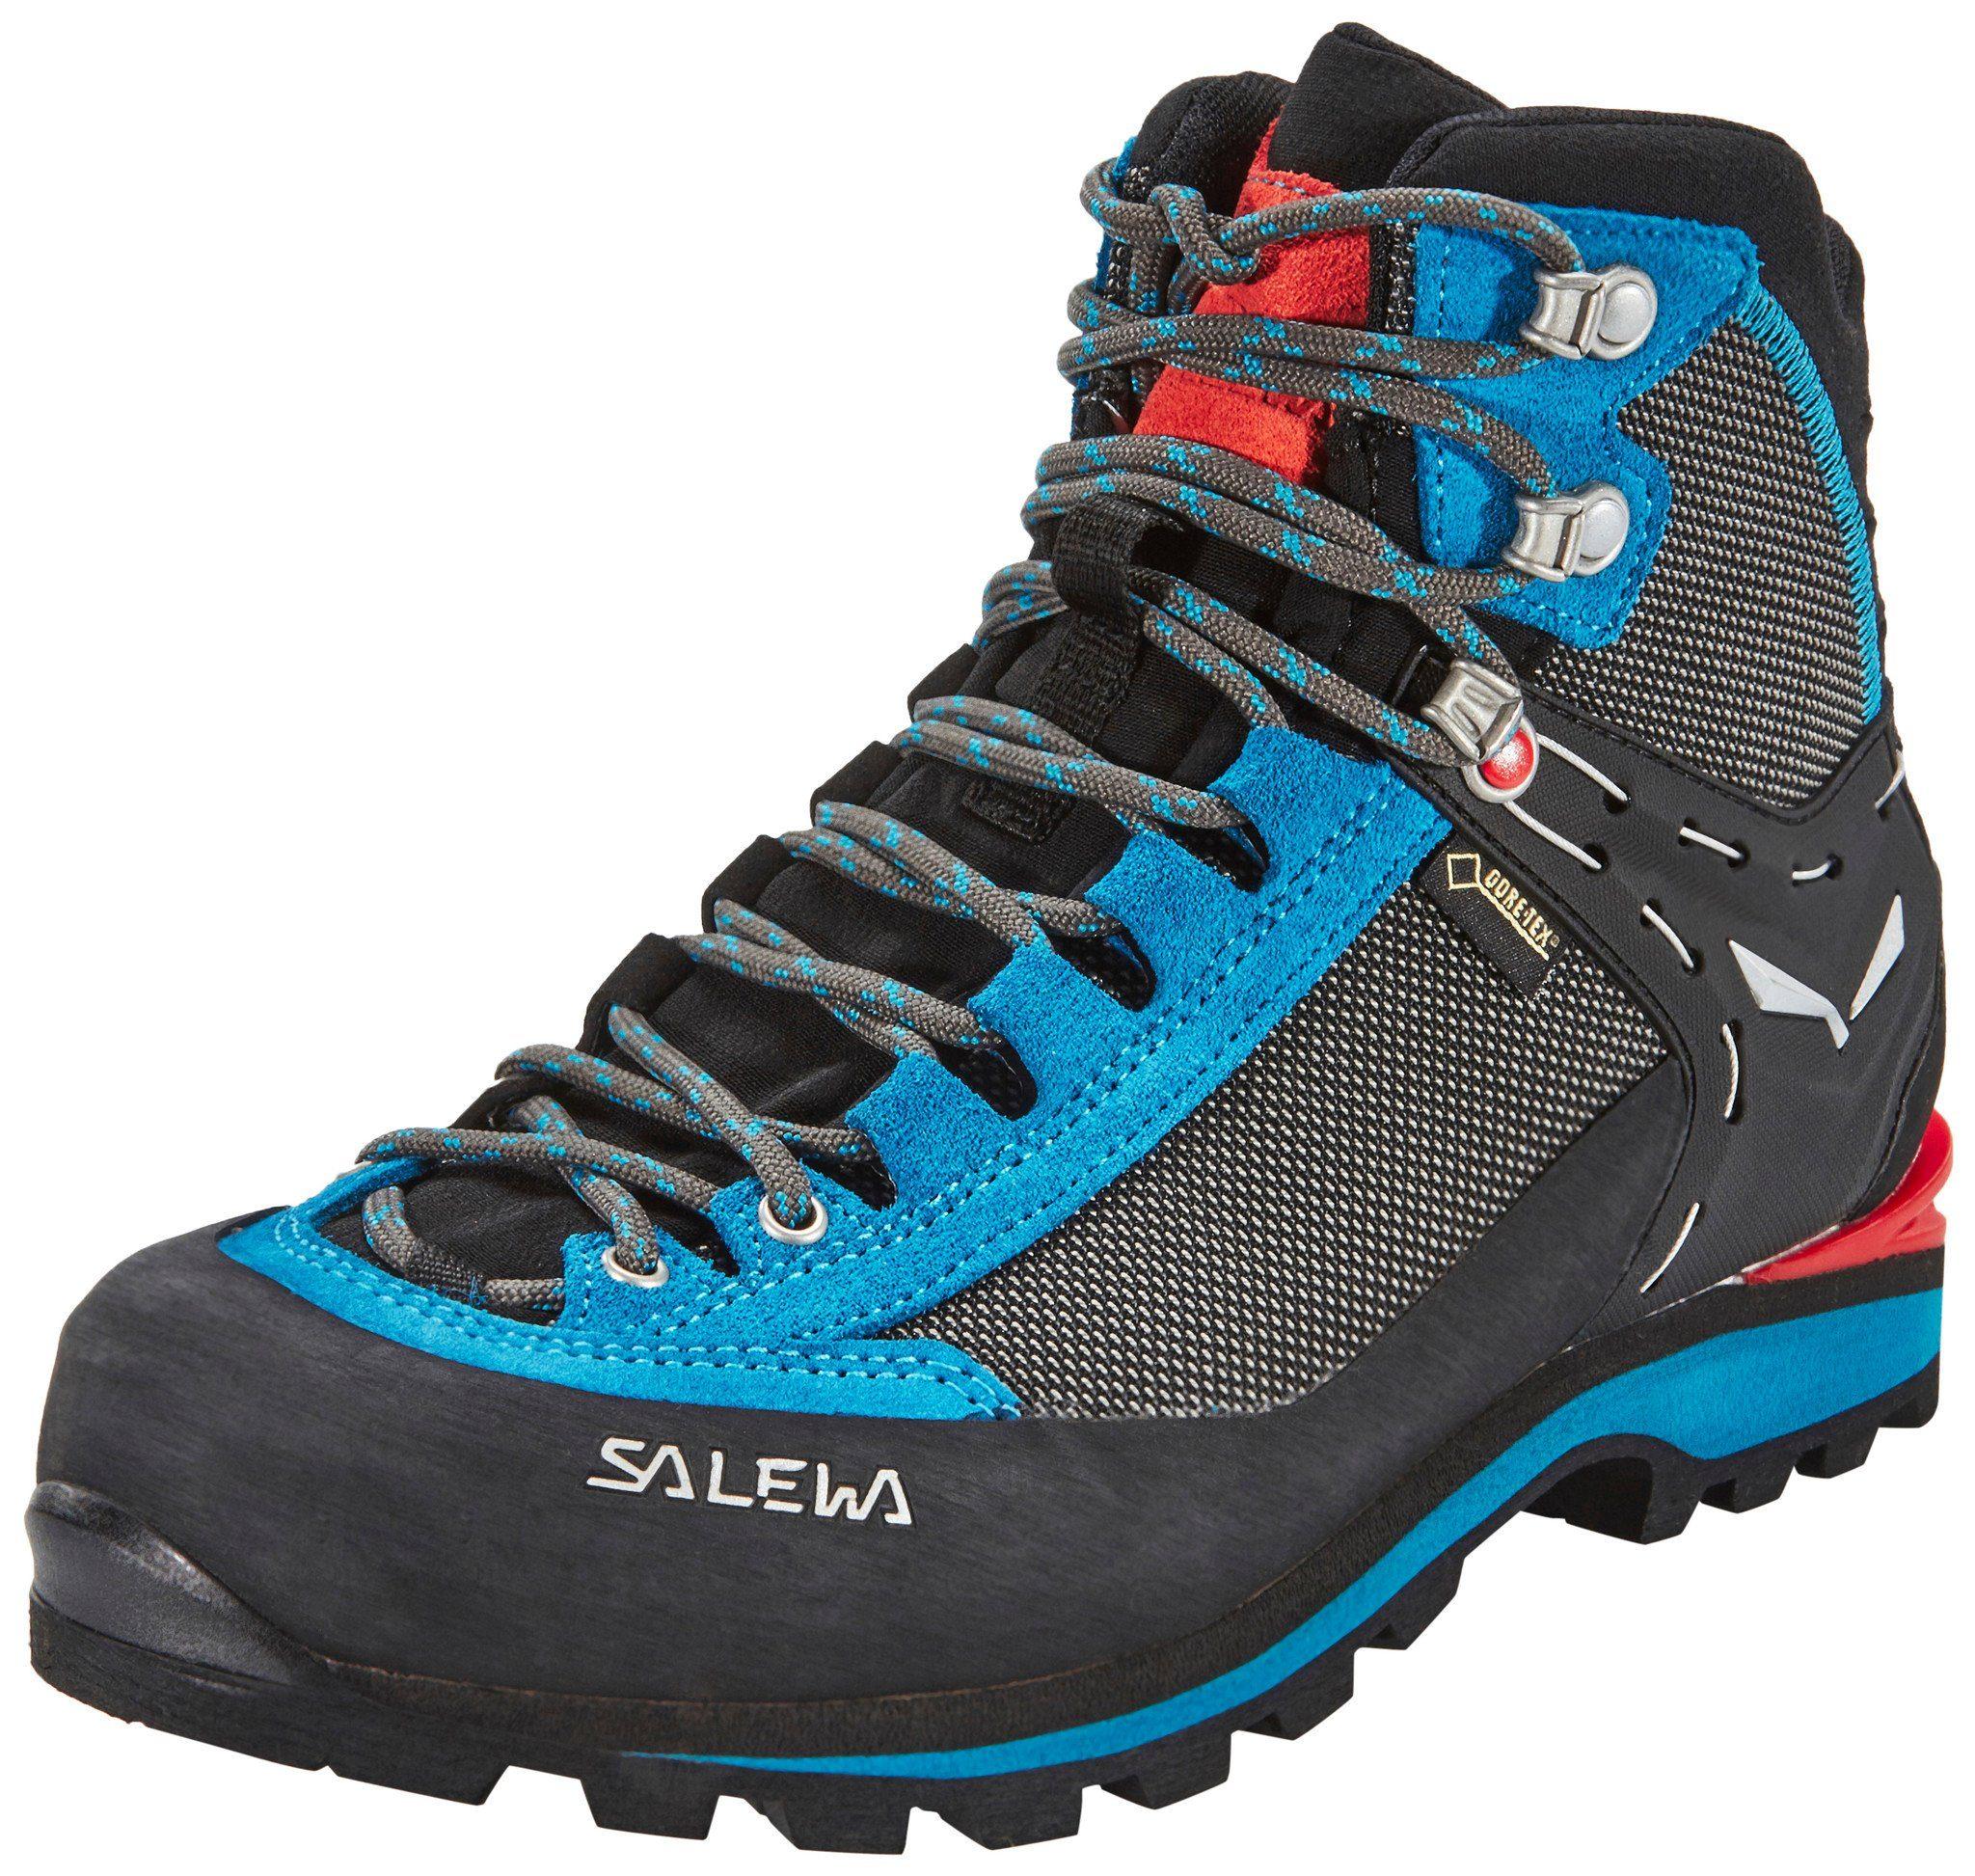 Salewa Kletterschuh Crow GTX Alpine Shoes Women  schwarz